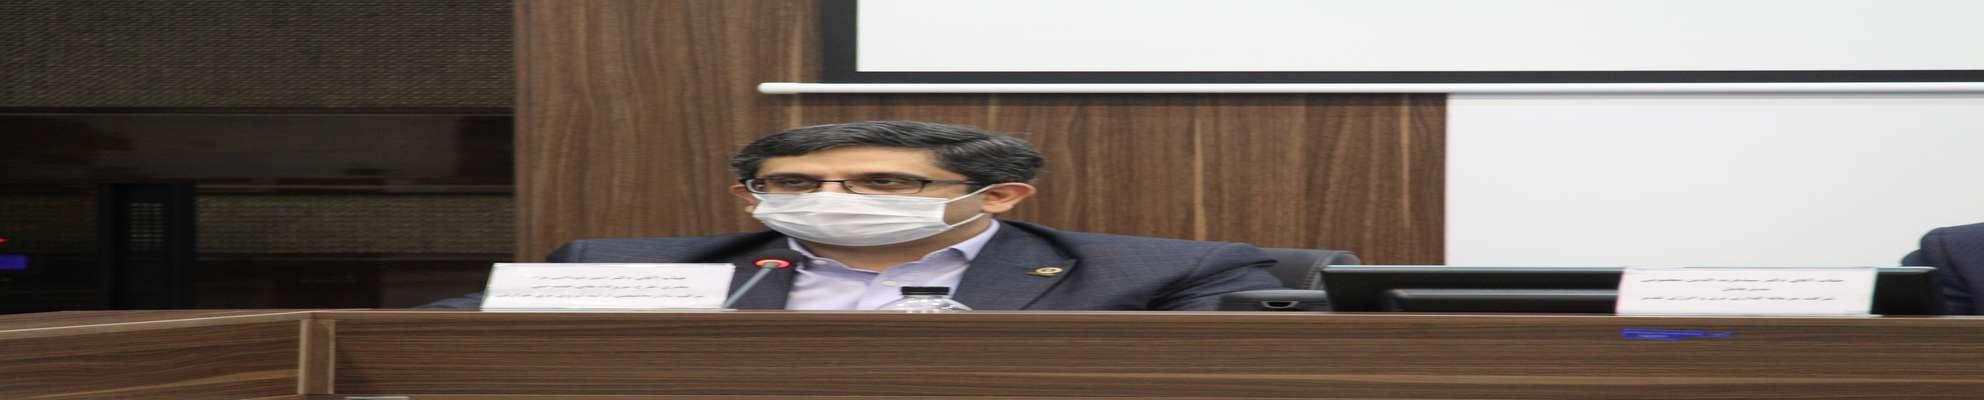 واحد نخست گازی نیروگاه قشم توسط رئیسجمهور افتتاح میشود